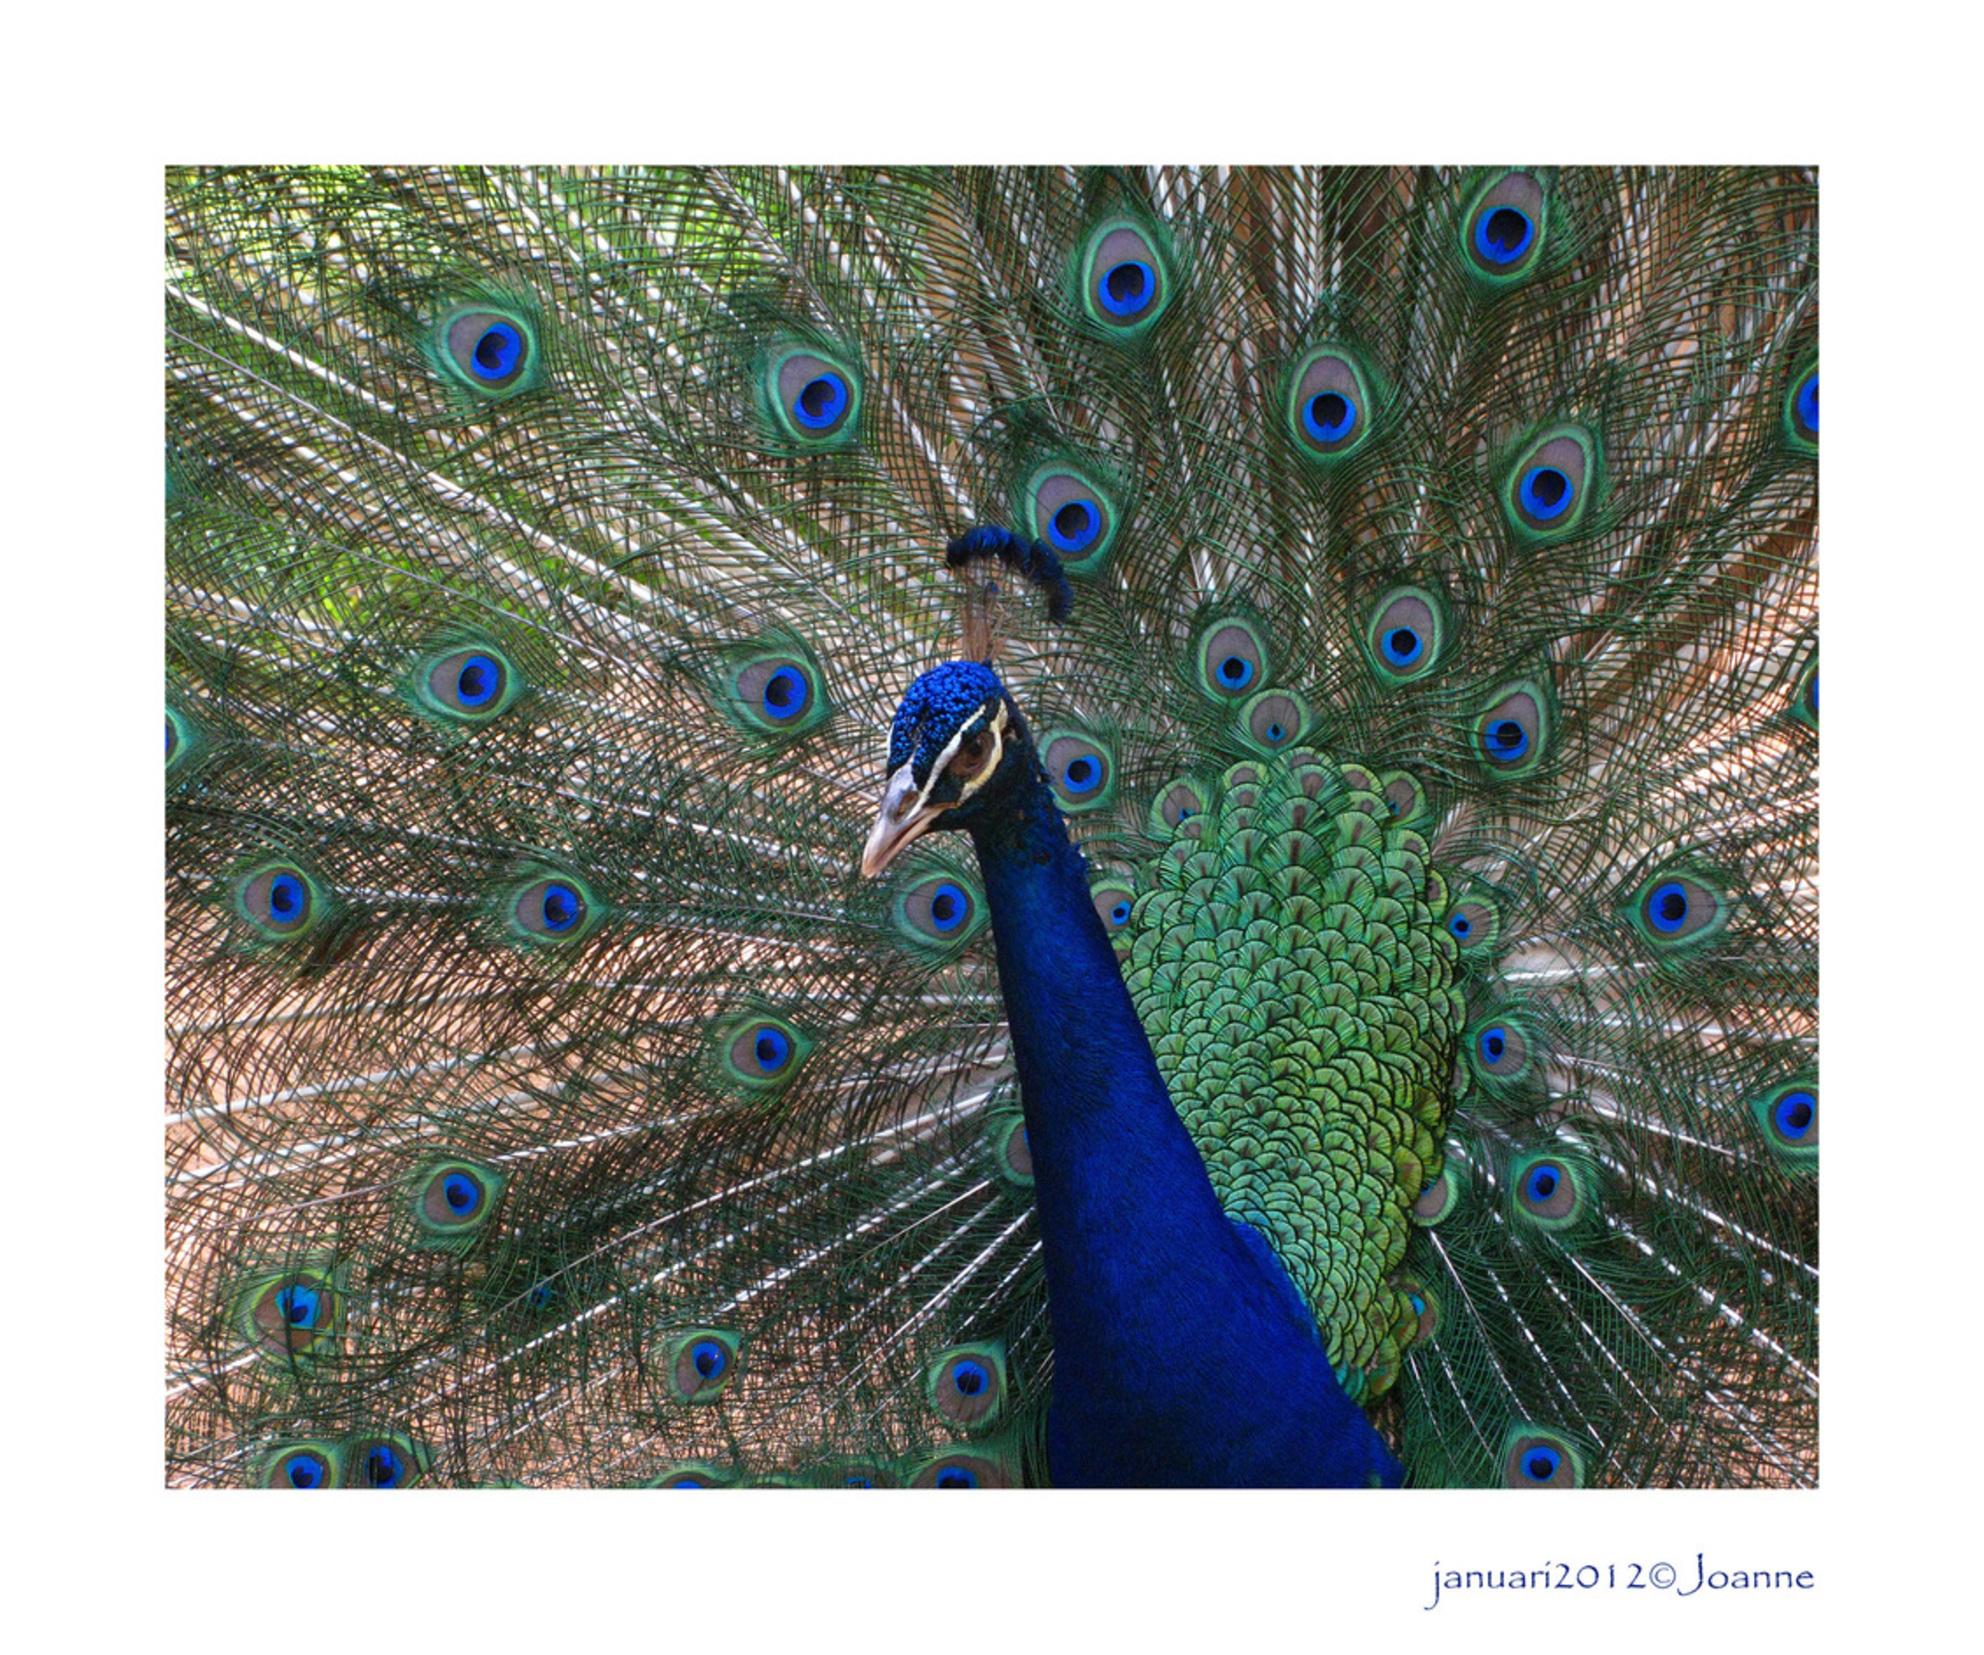 Braziliaanse pauw - Een plaatje dat ik ook in Nederland had kunnen maken, maar deze pauw is echt Braziliaans. Was door voor de Iquazu watervallen, maar vond deze pauw oo - foto door Lathyrus op 20-01-2012 - deze foto bevat: pauw - Deze foto mag gebruikt worden in een Zoom.nl publicatie